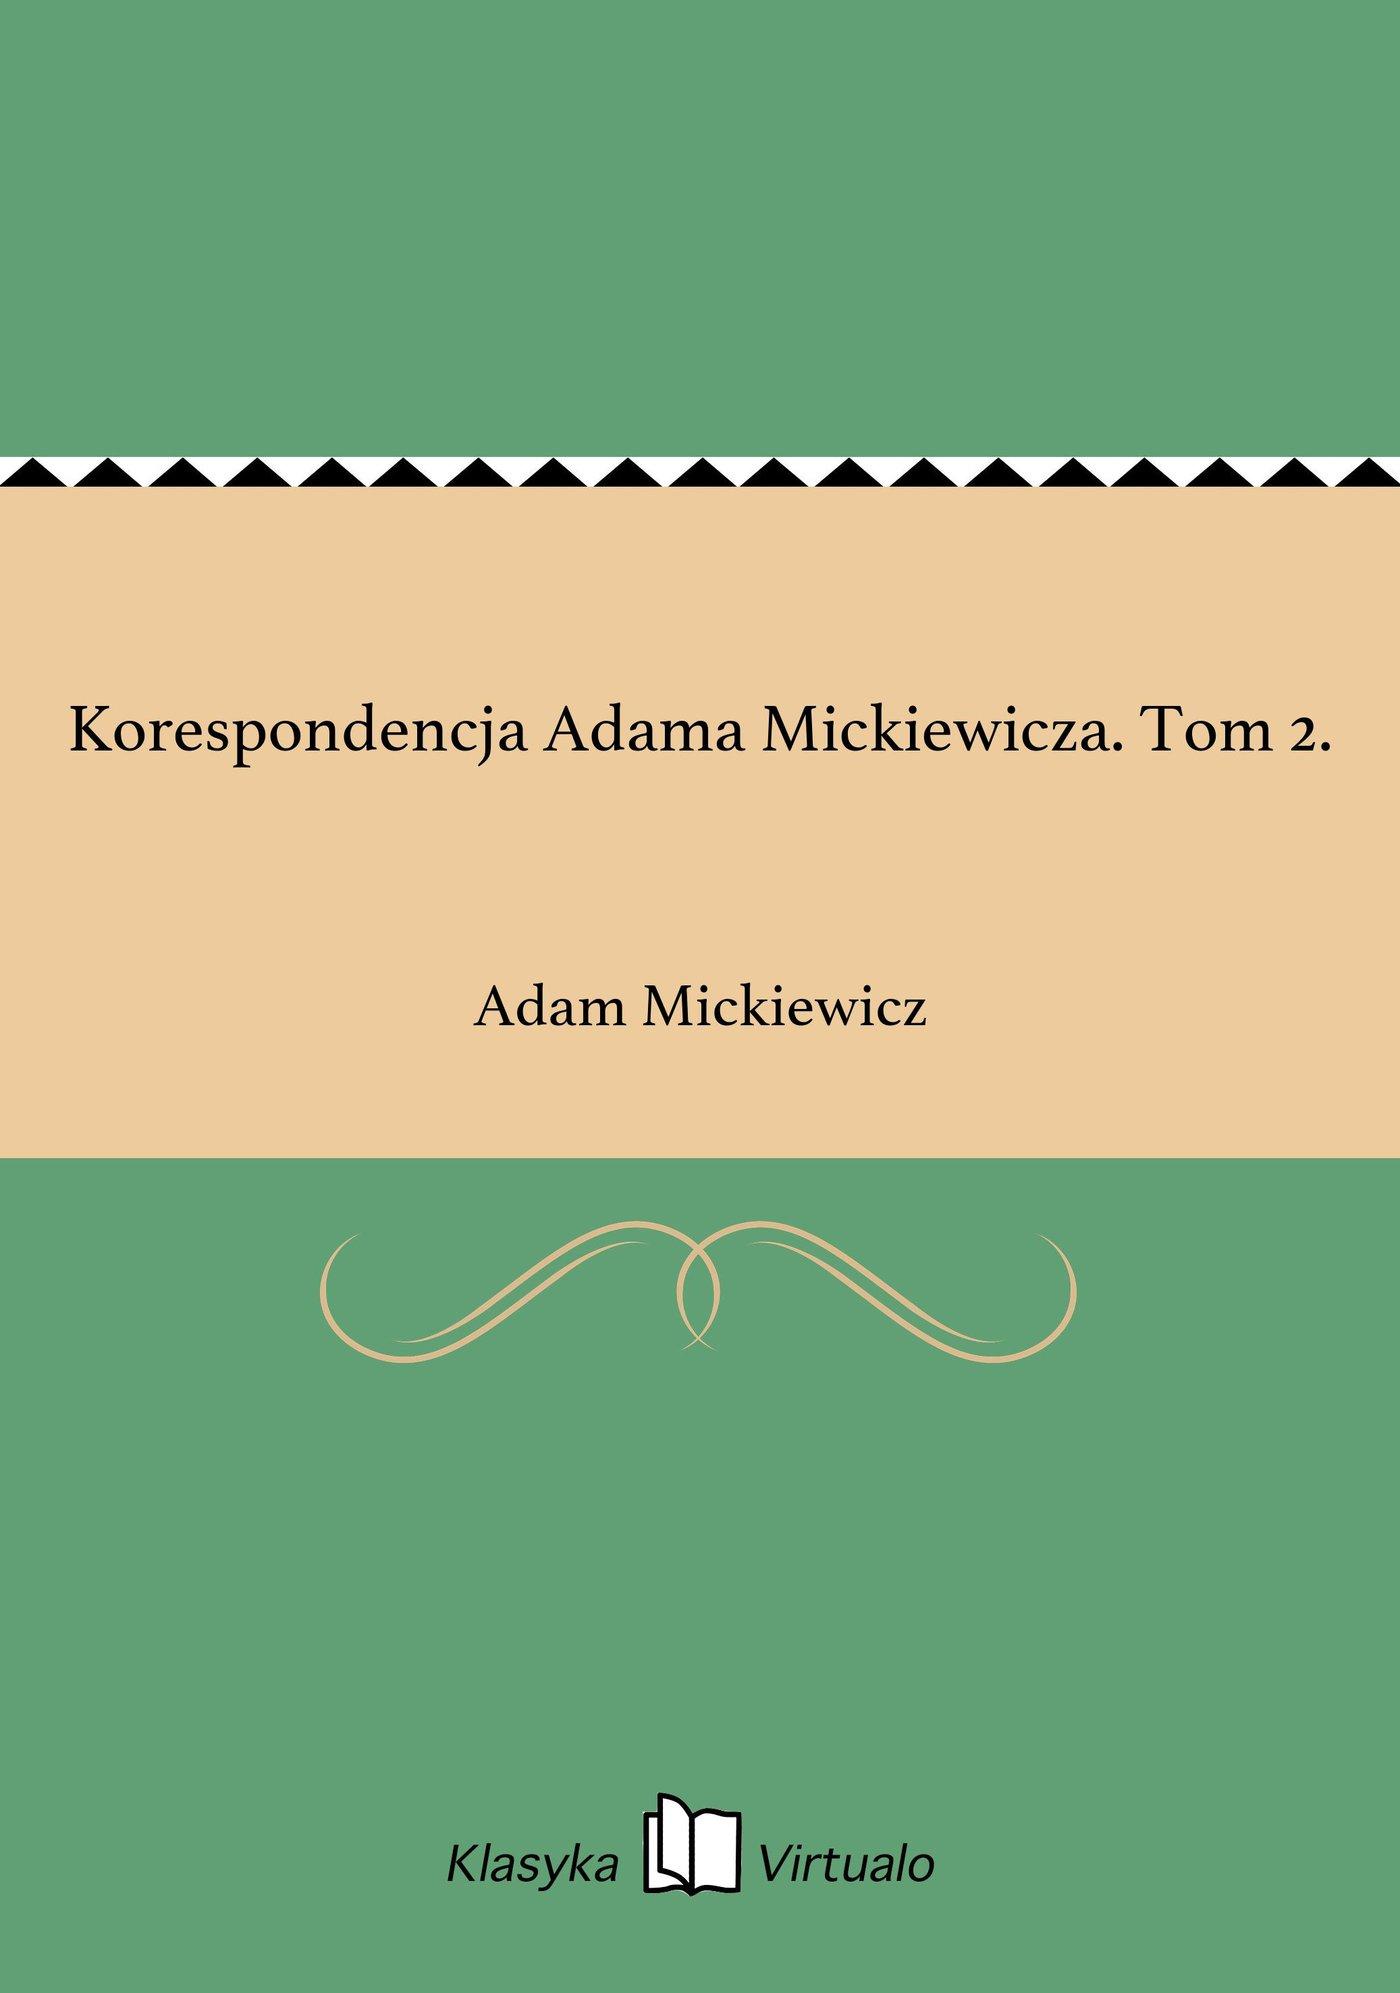 Korespondencja Adama Mickiewicza. Tom 2. - Ebook (Książka EPUB) do pobrania w formacie EPUB